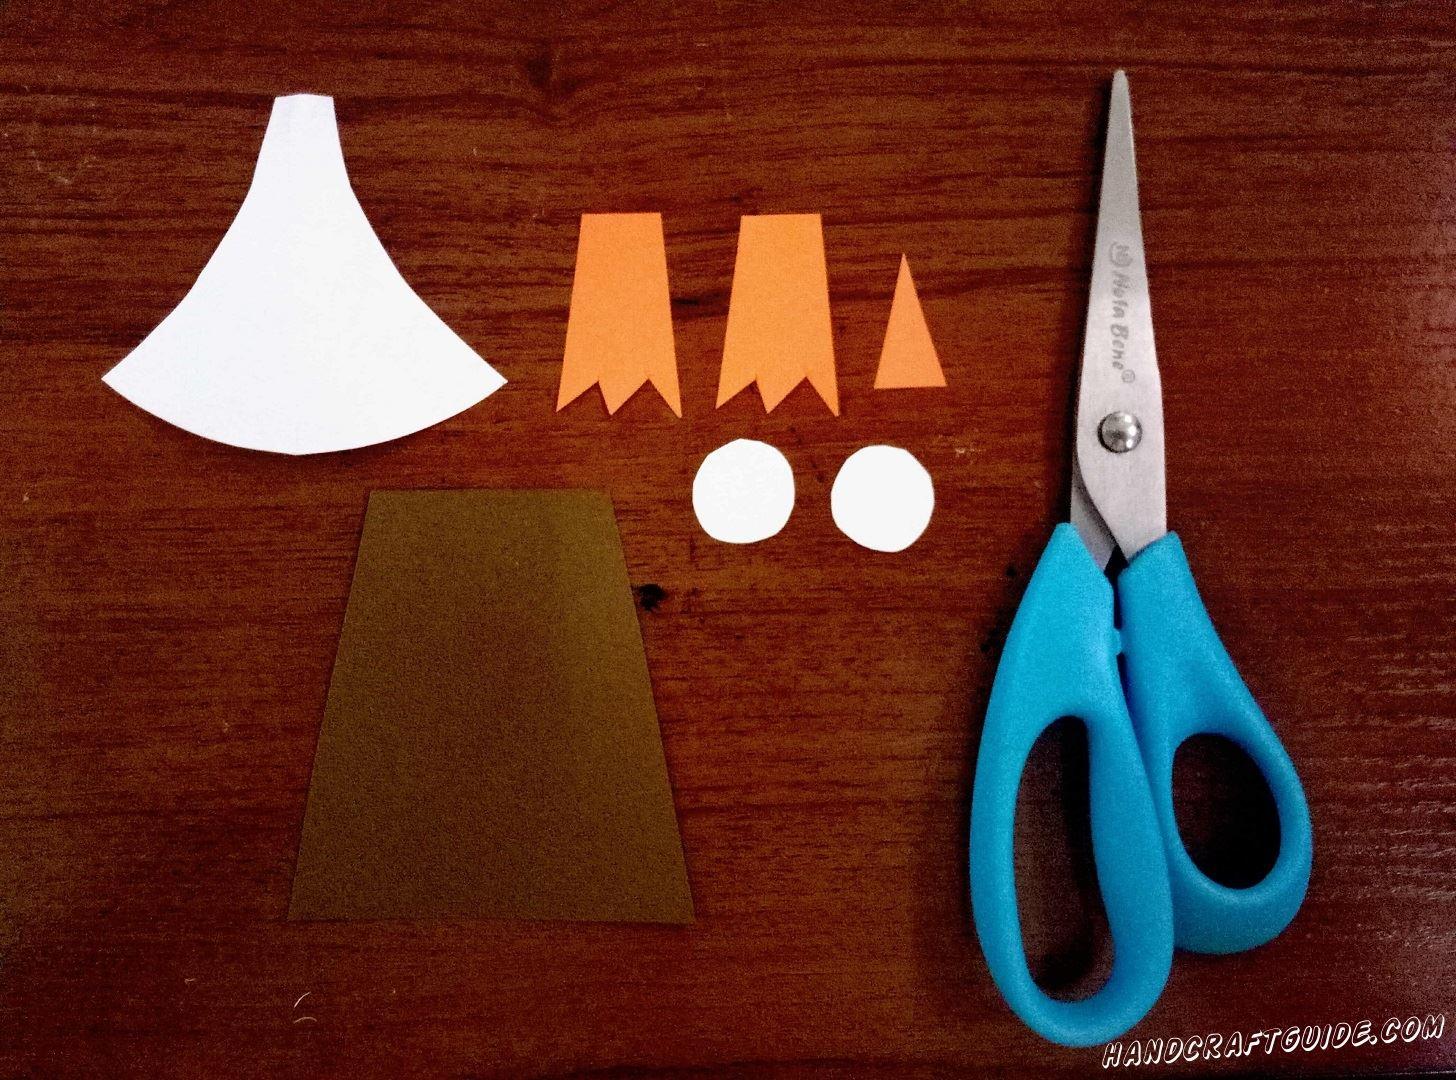 Для начала вырежем все, необходимые для работы, детали.Из коричневой бумаги вырезаем прямоугольник, который с одной стороны немного уже чем с другой. Затем берём белую бумагу, из нее мы вырезаем 2 кружочка, это будут глазки пингвина, и фигурку, напоминающую колокольчик, это будет животик пингвина. Ну и напоследок вырезаем 2 лапки и клювик из оранжевой бумаги.